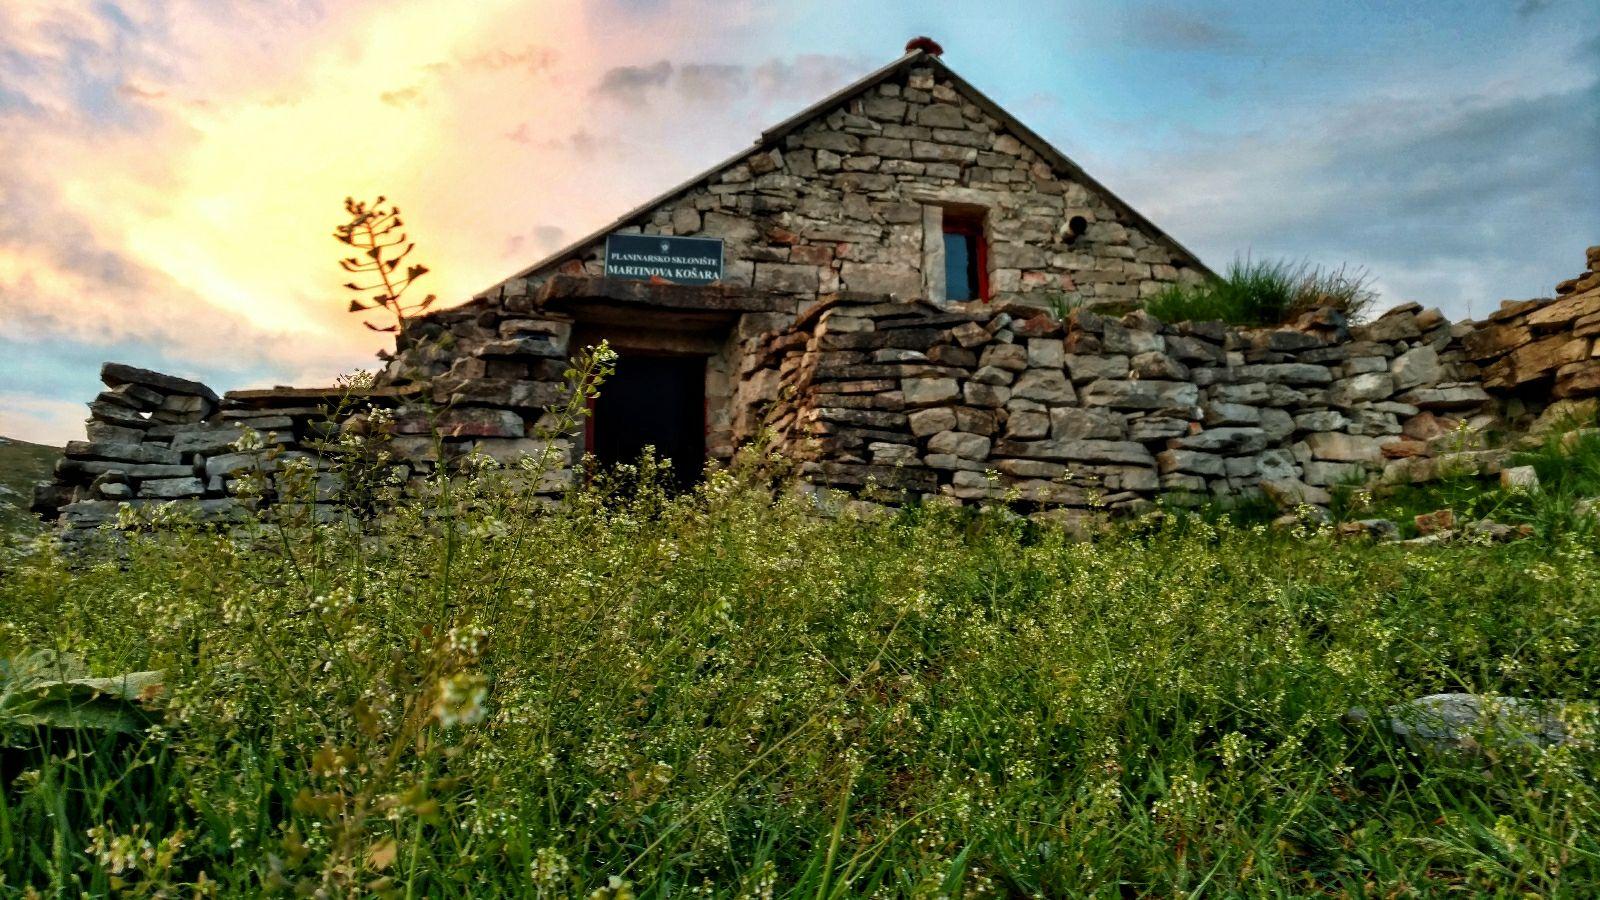 Martinova Košara   Herinneringendingen en onweer in de tent